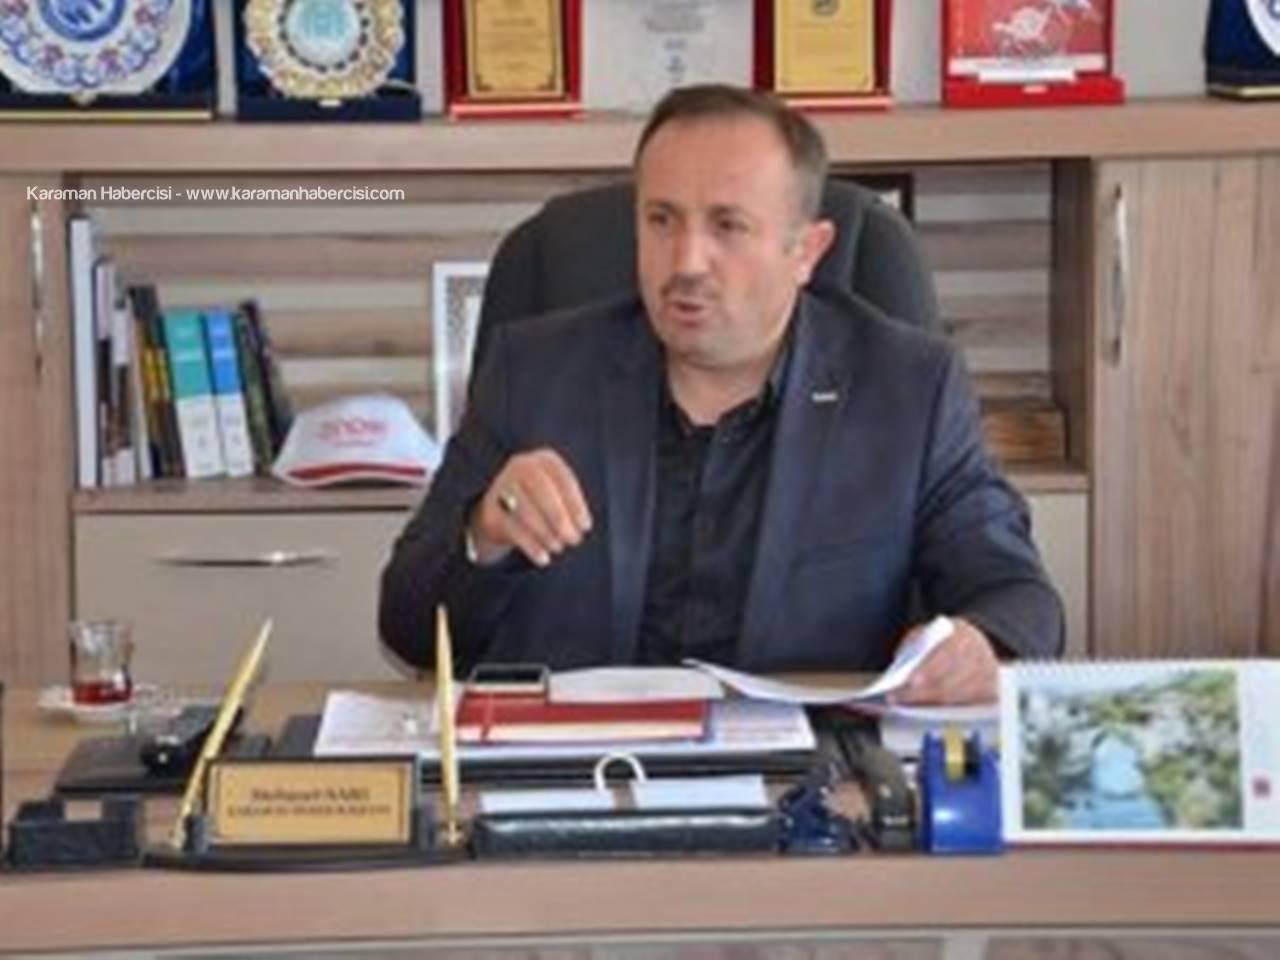 Karaman Önder Başkanı Mehmet Sarı , Büyük Kurultay İçin Hazır Olduklarını Söyledi